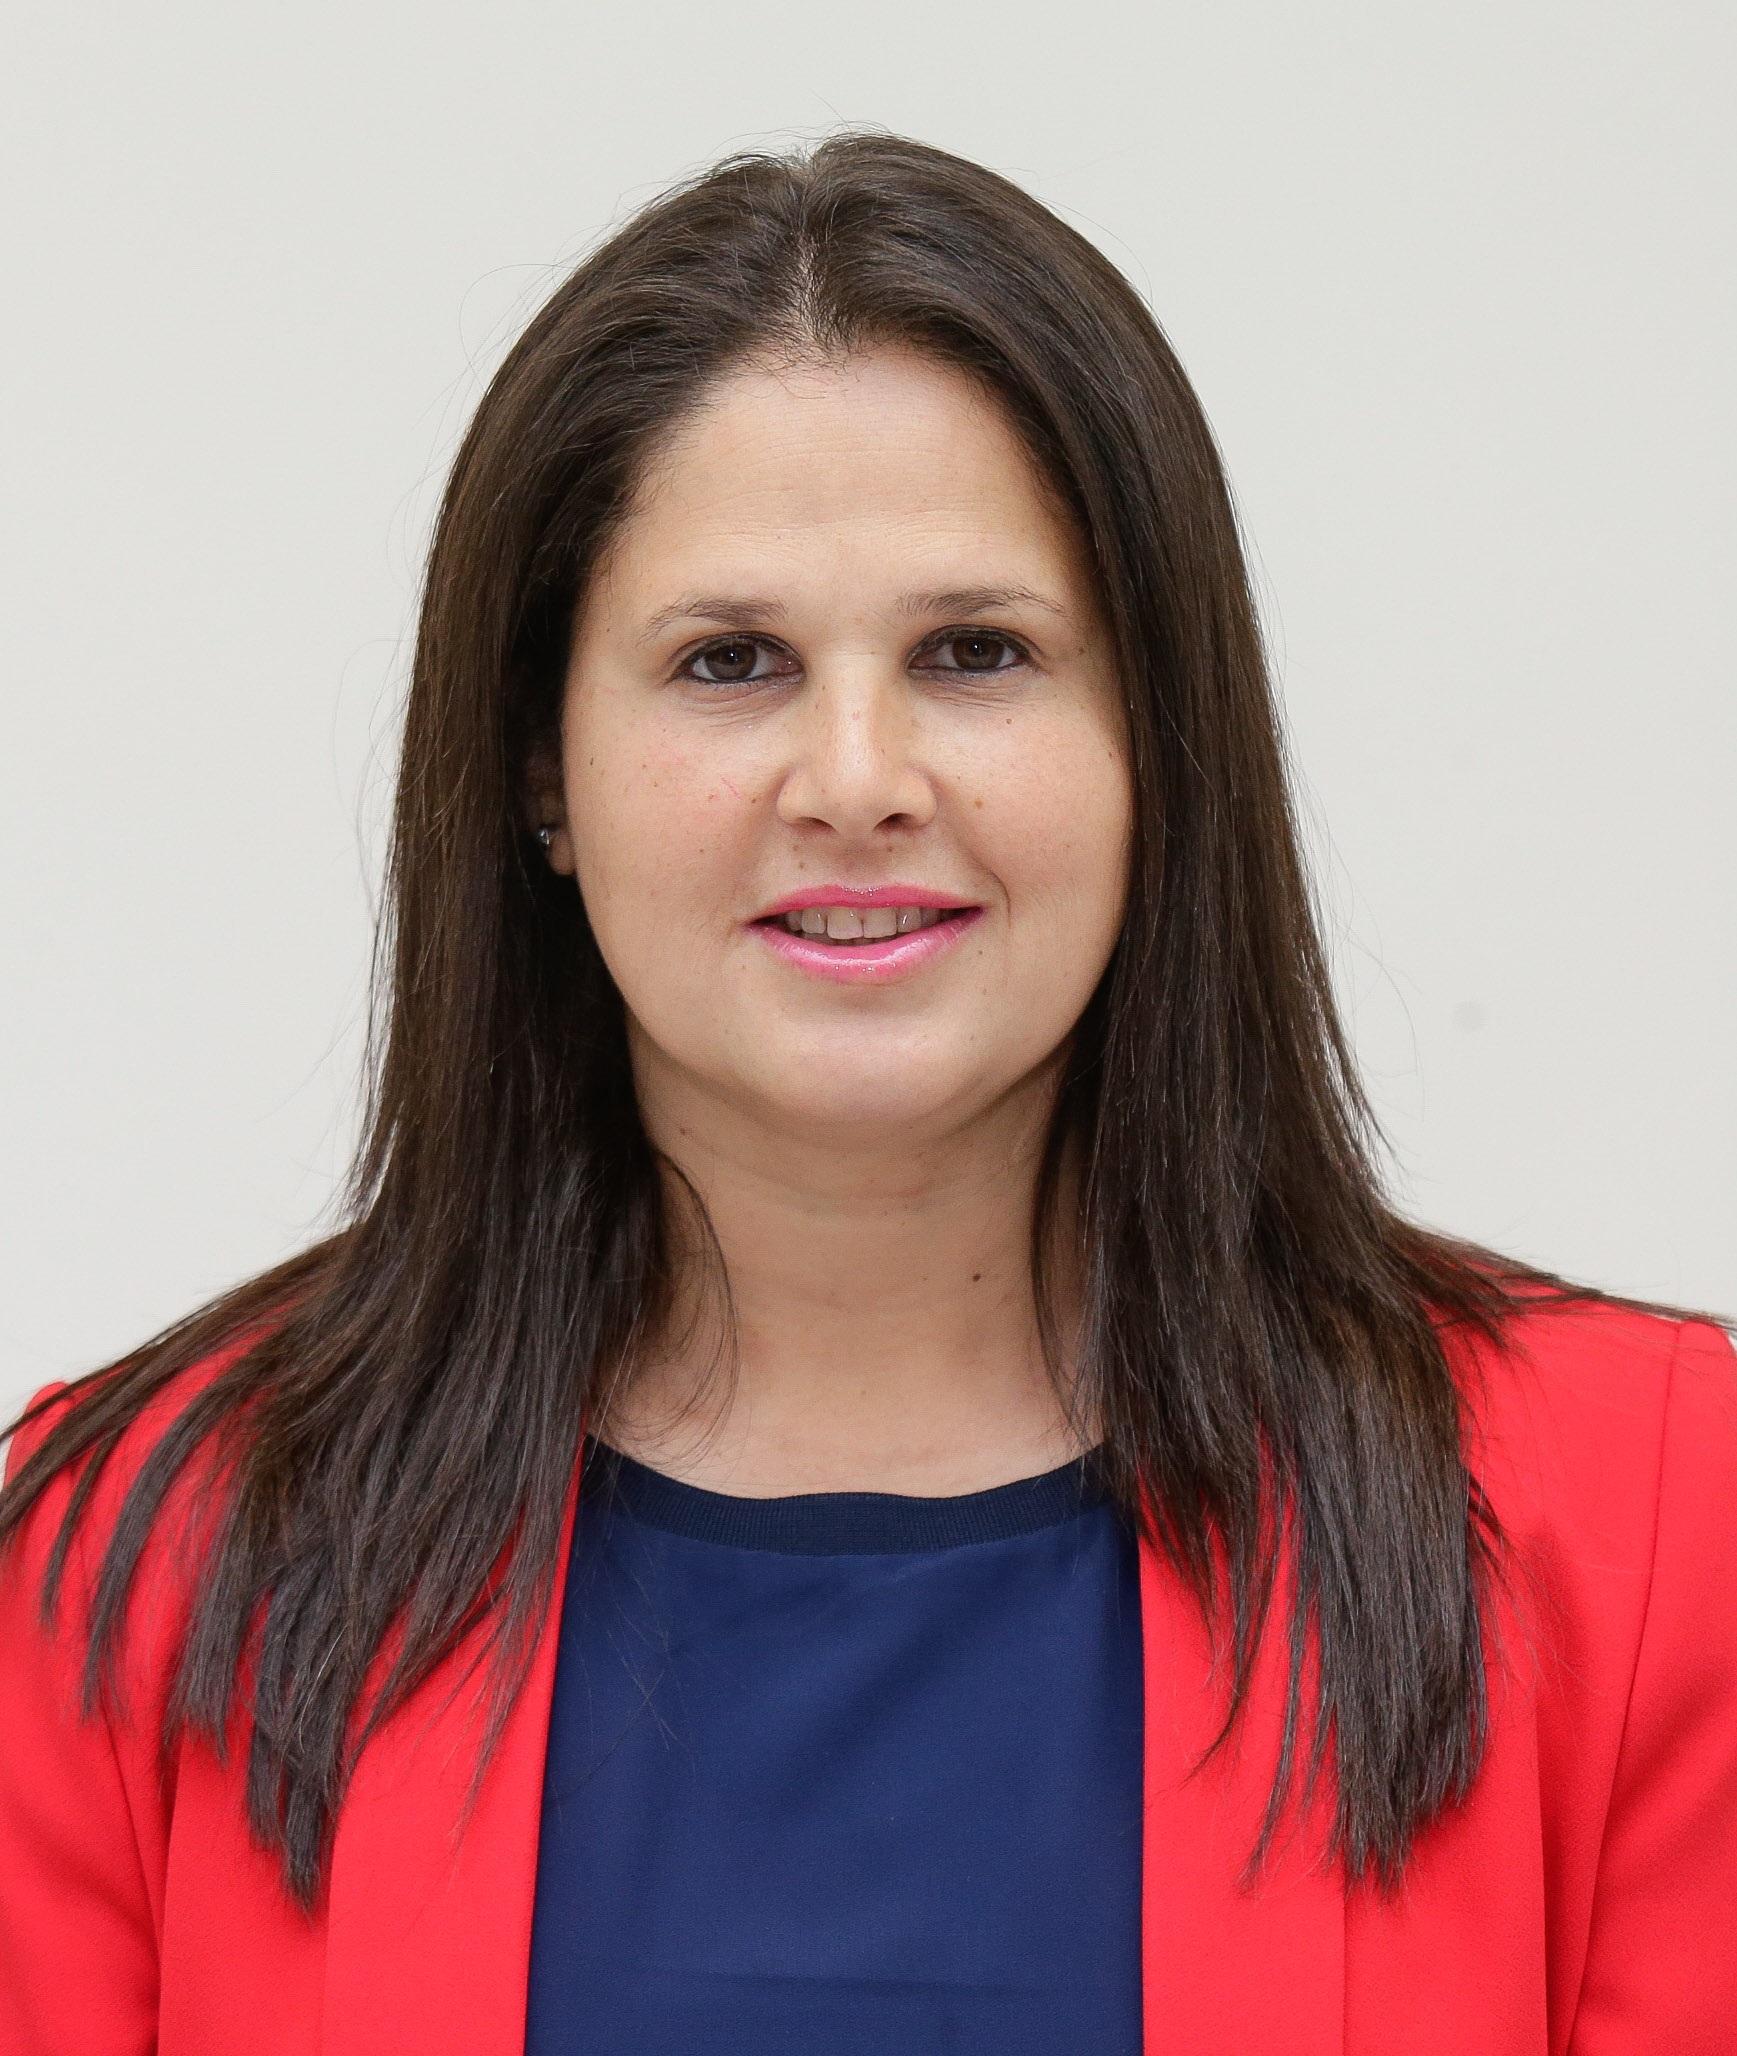 Fotografía de MARÍA ESTHER HERNÁNDEZ MARRERO